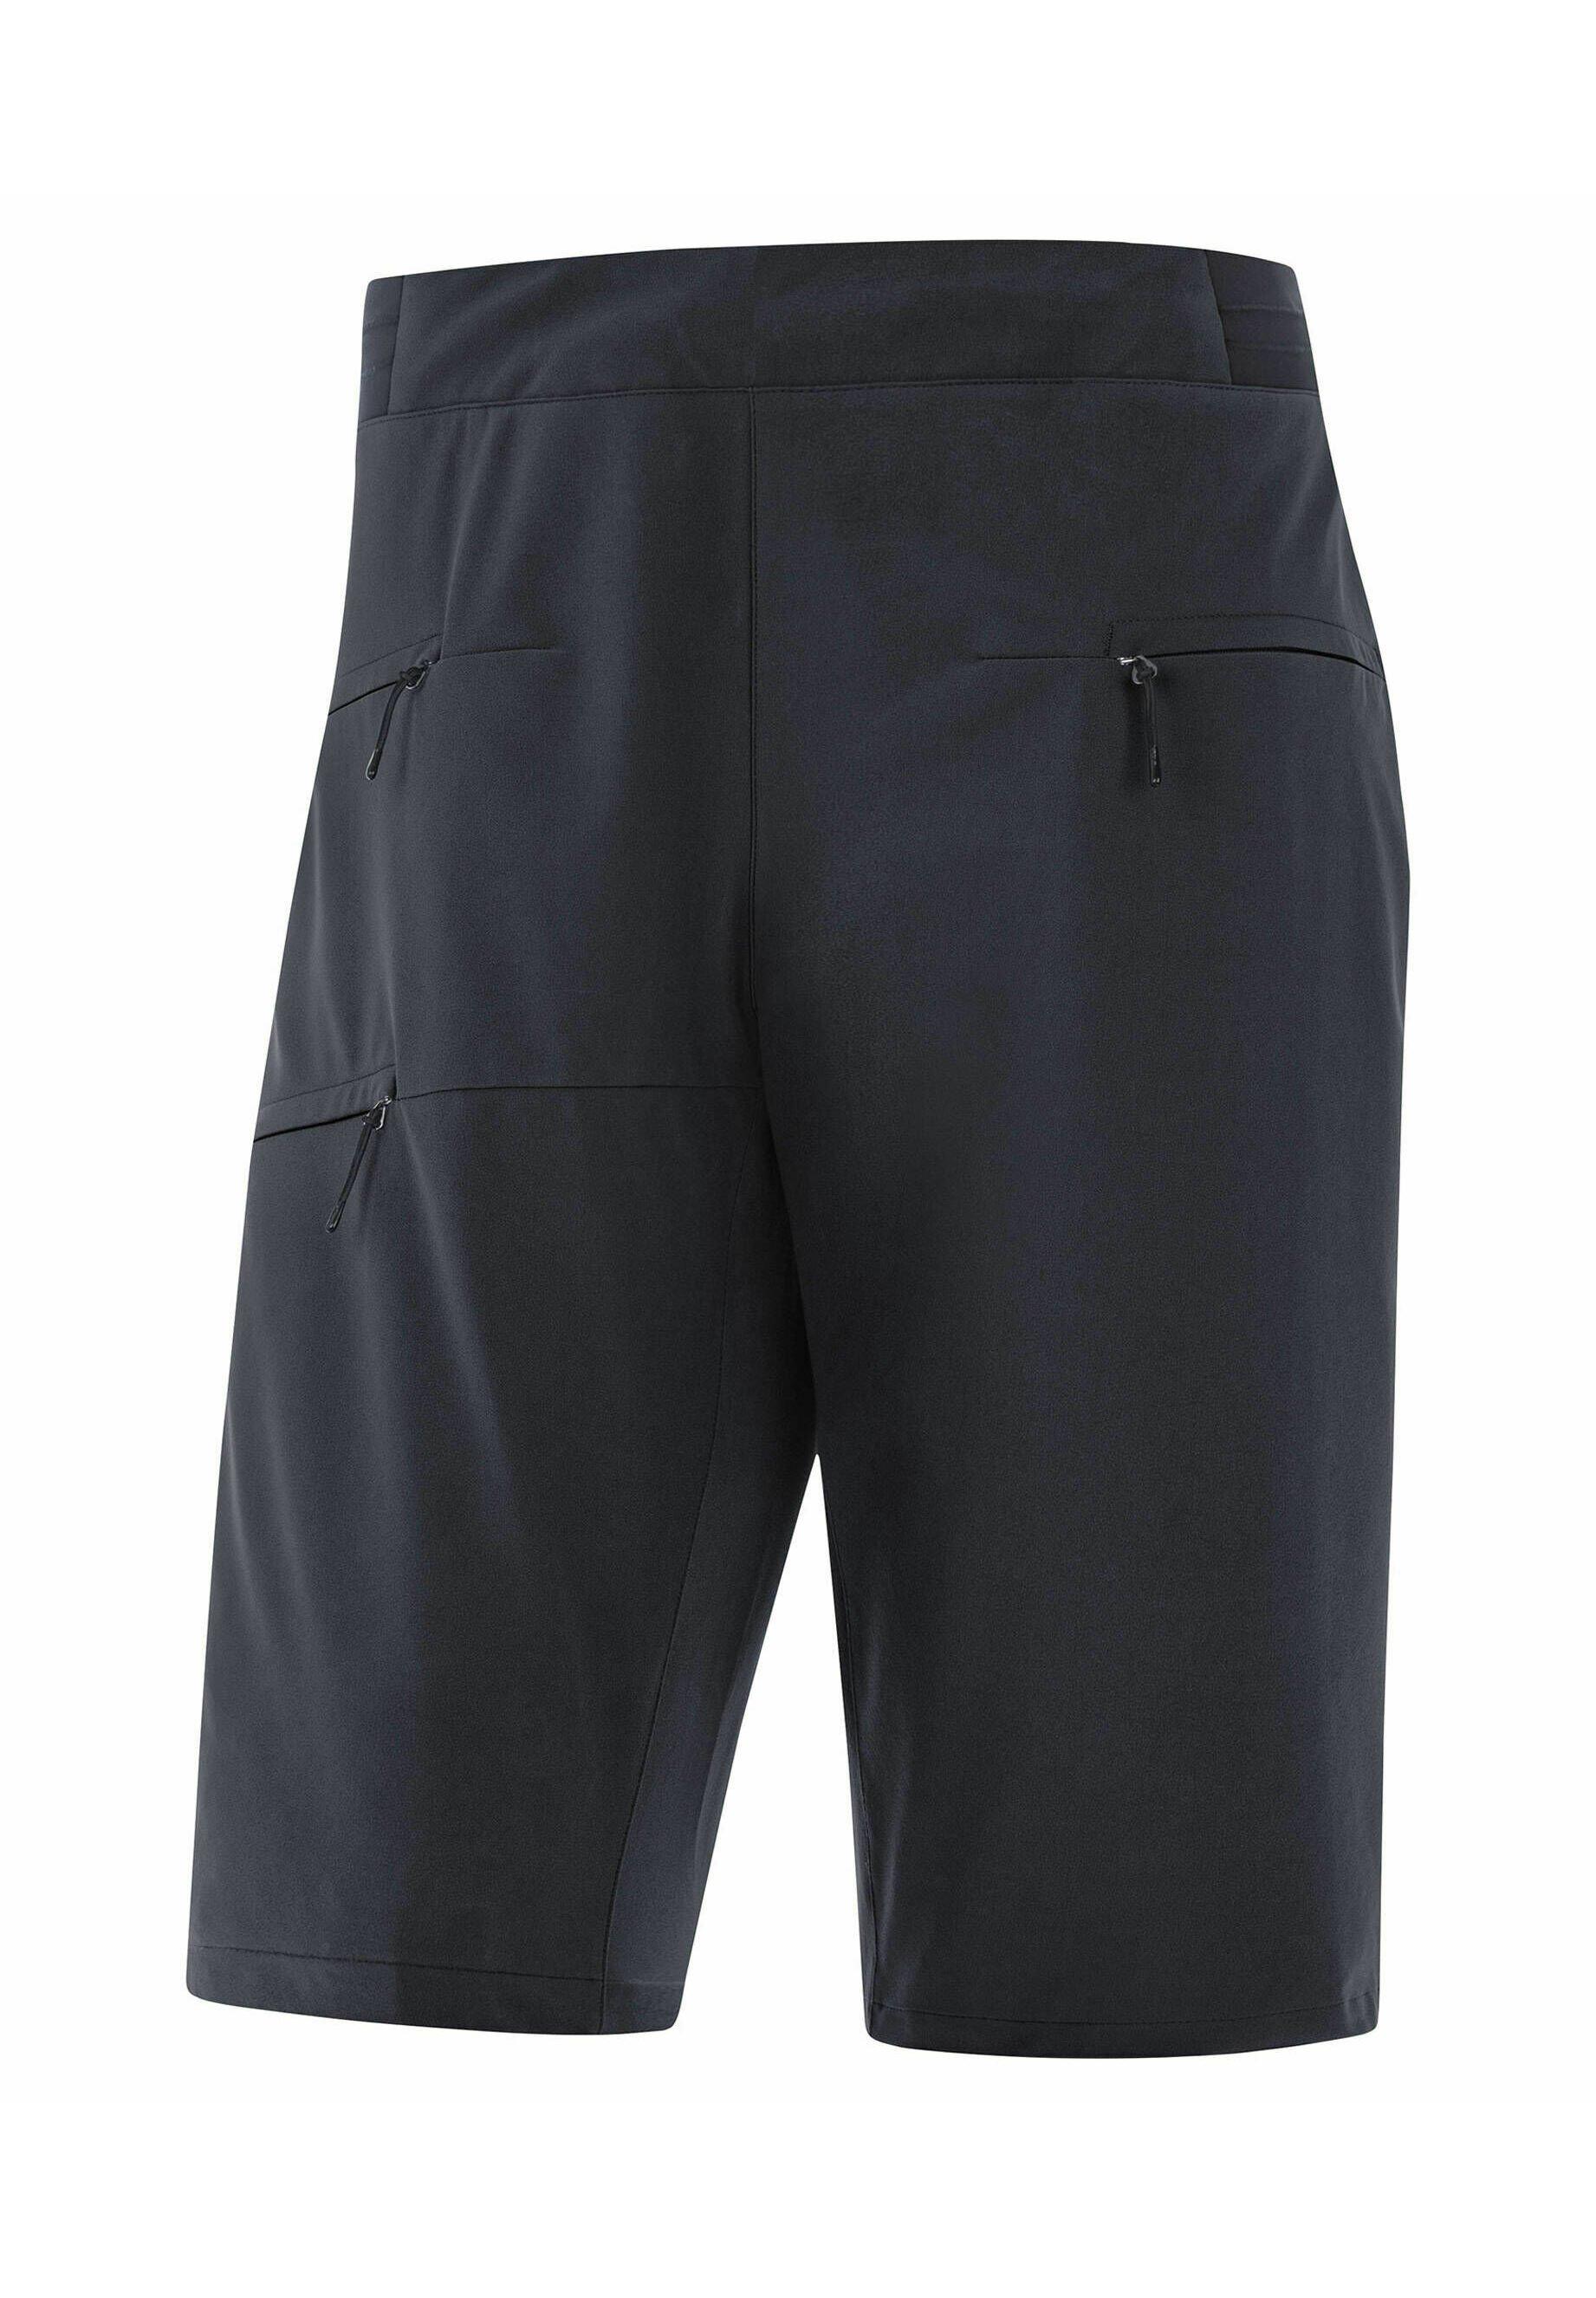 Damen kurze Sporthose - schwarz